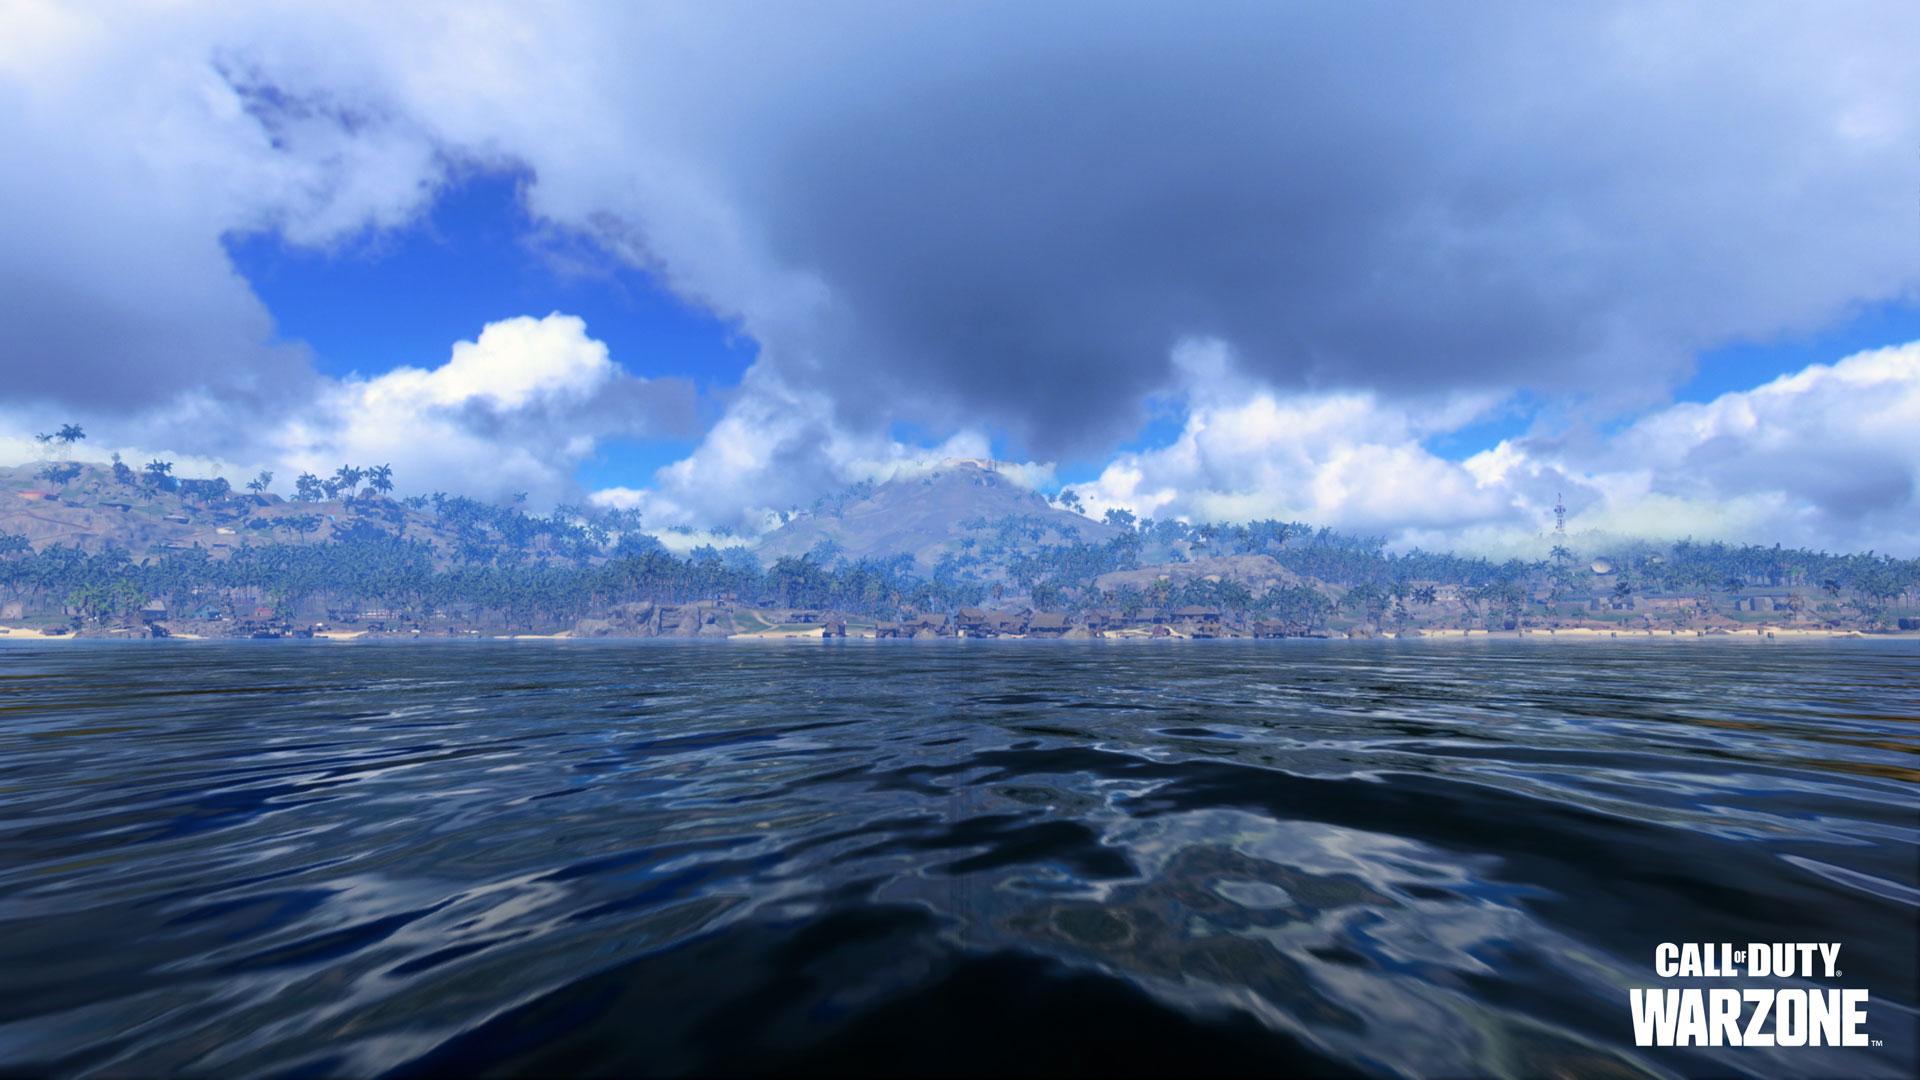 《使命召唤:战区》新太平洋地图首曝预告